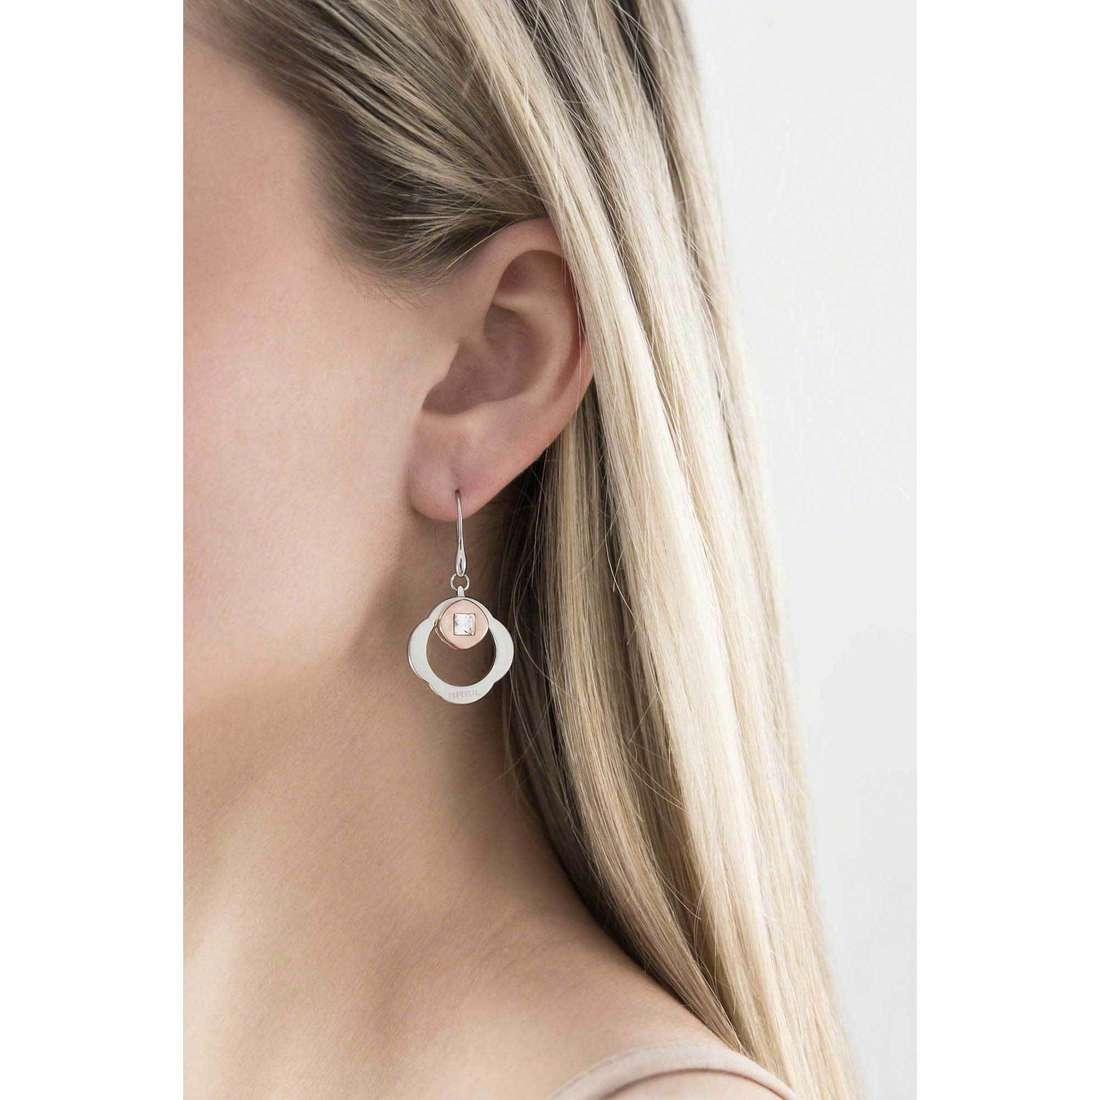 Breil boucles d'oreille Crossing Love femme TJ1580 indosso